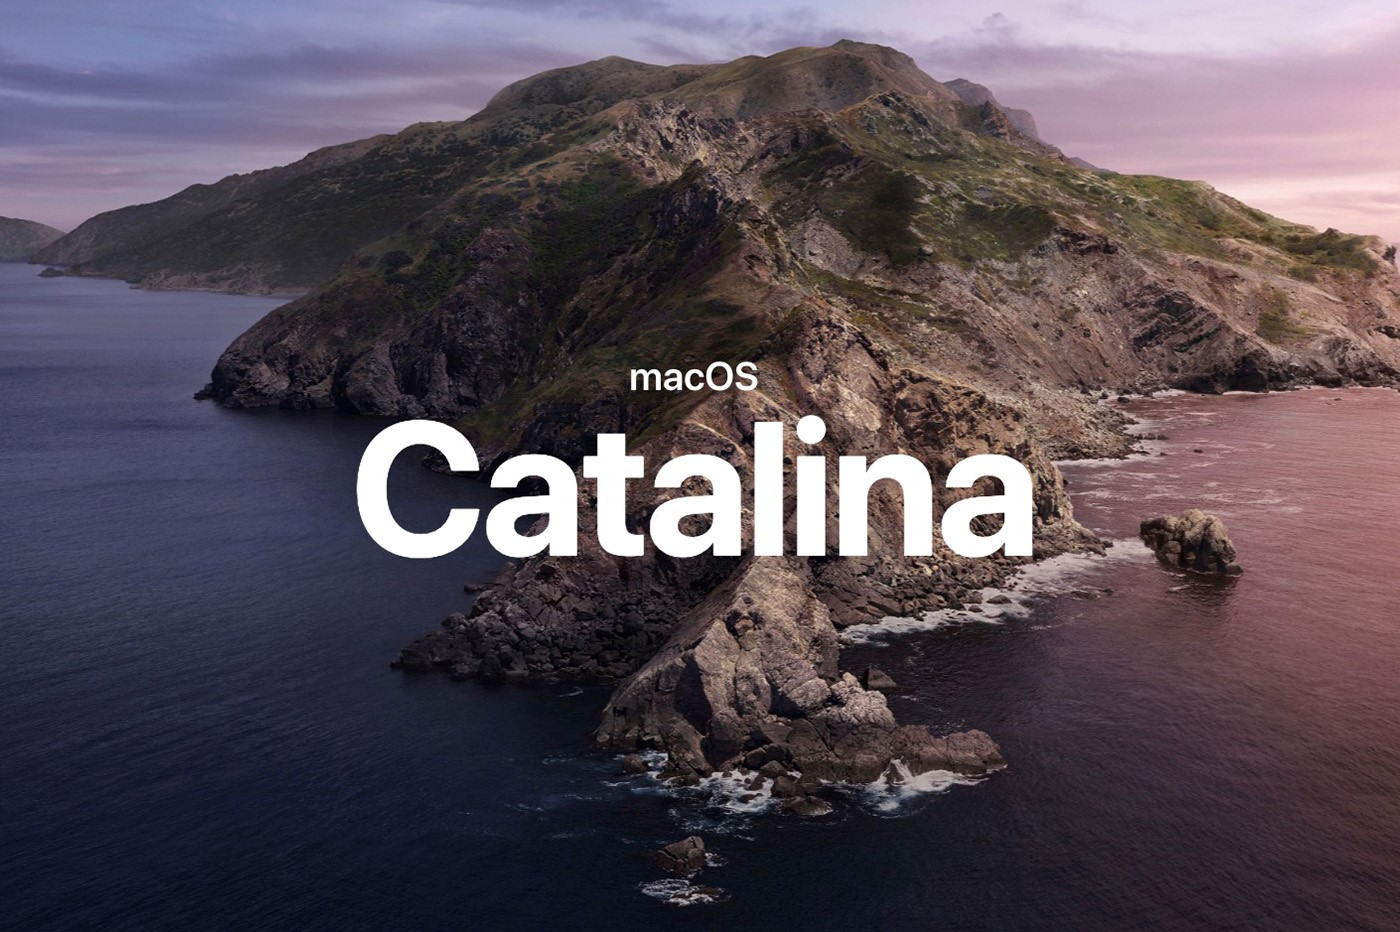 新的Apple MacOS Catalina系統具有許多功能和強大的功能,但您可能會遇到一些問題!